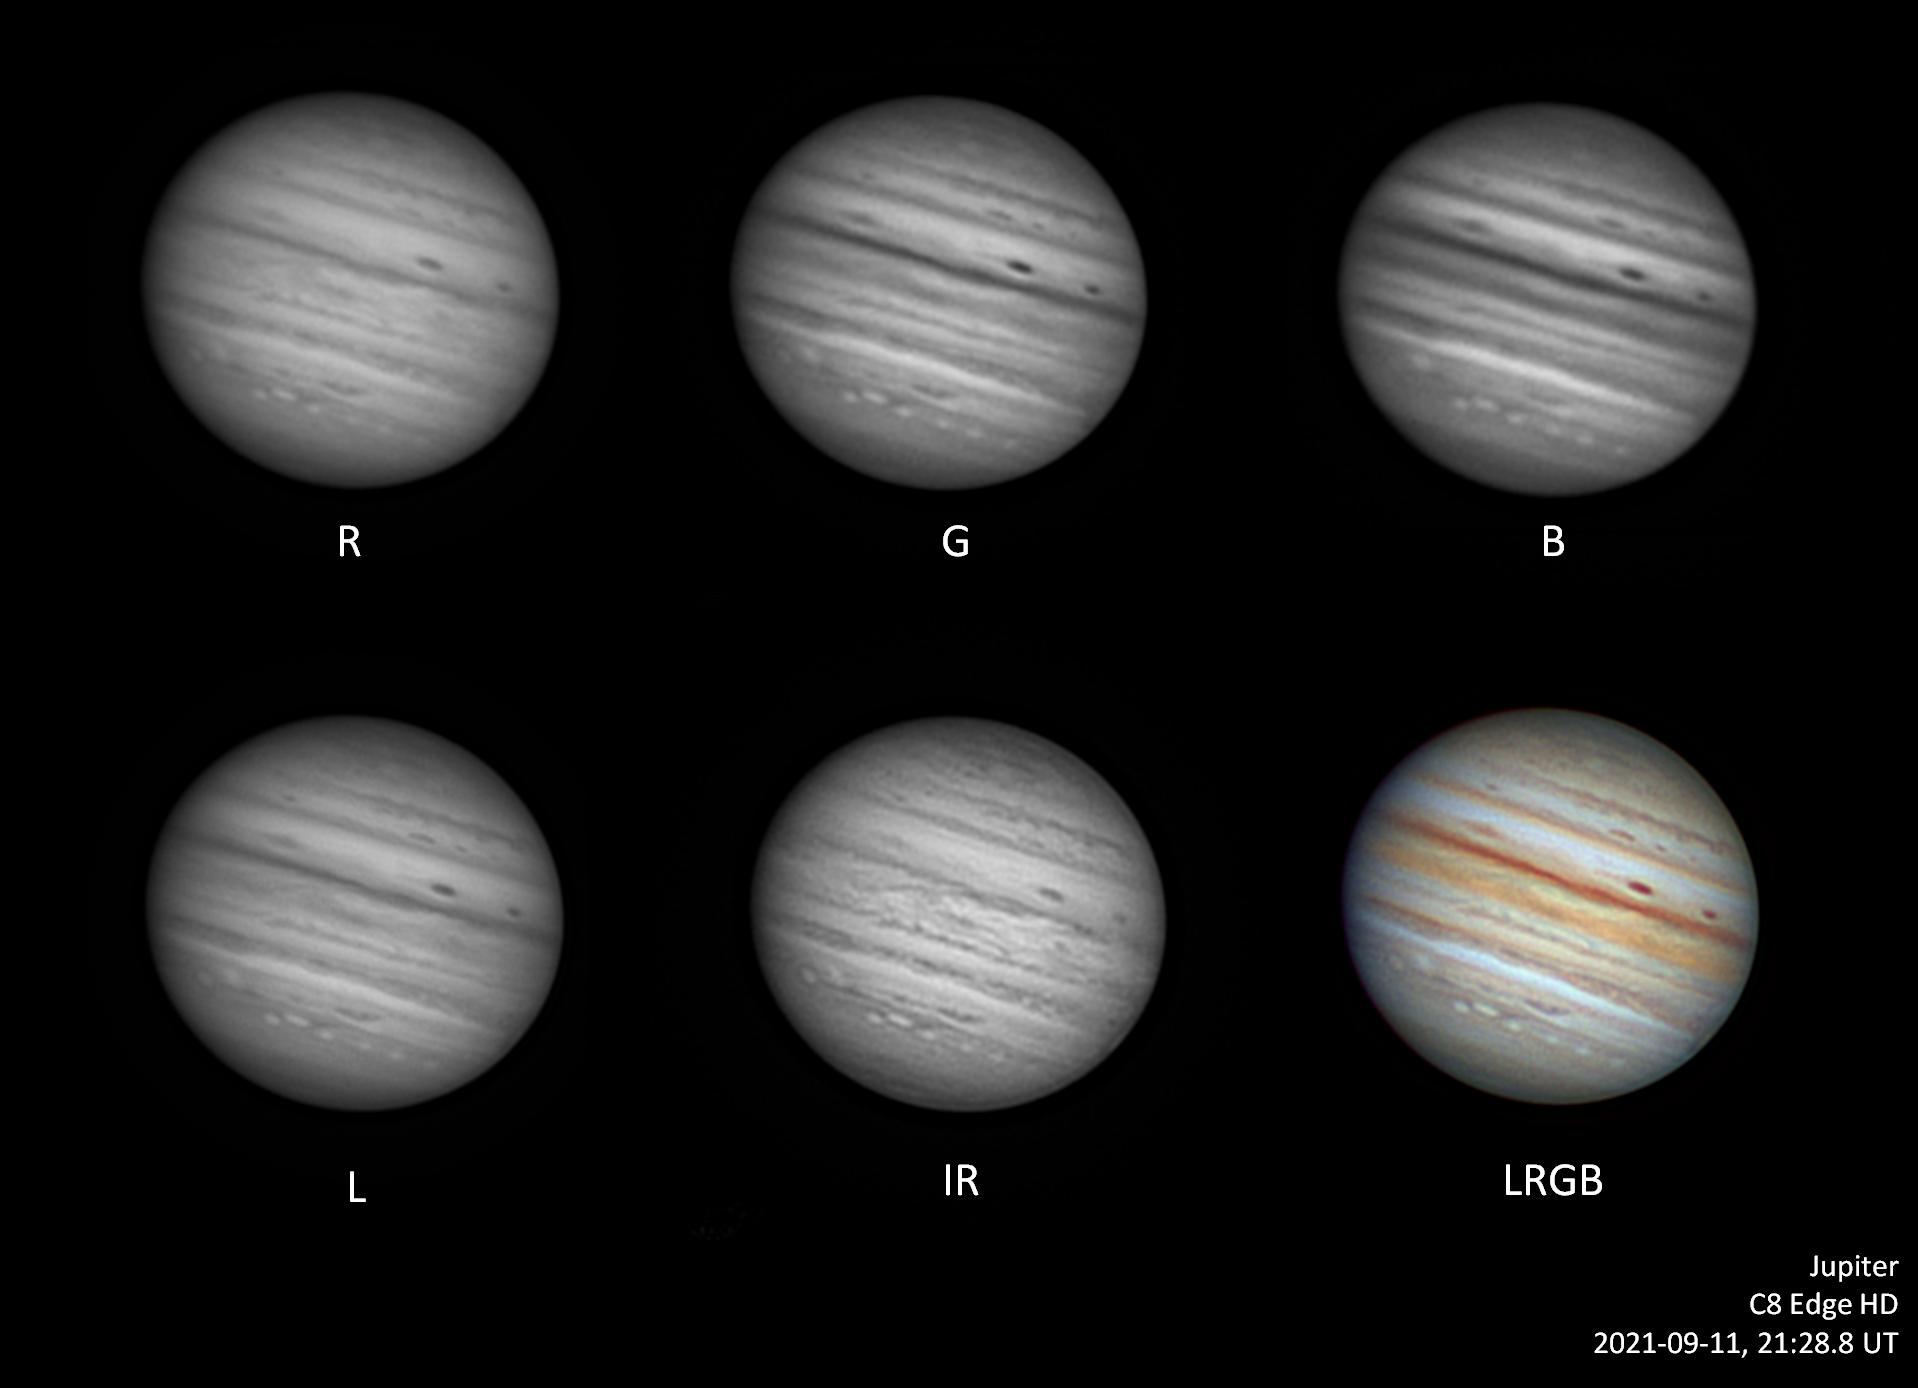 Jupiter_2021-09-11-2128_8.png.03cf5d98c8613522c438cf76b0379a20.png